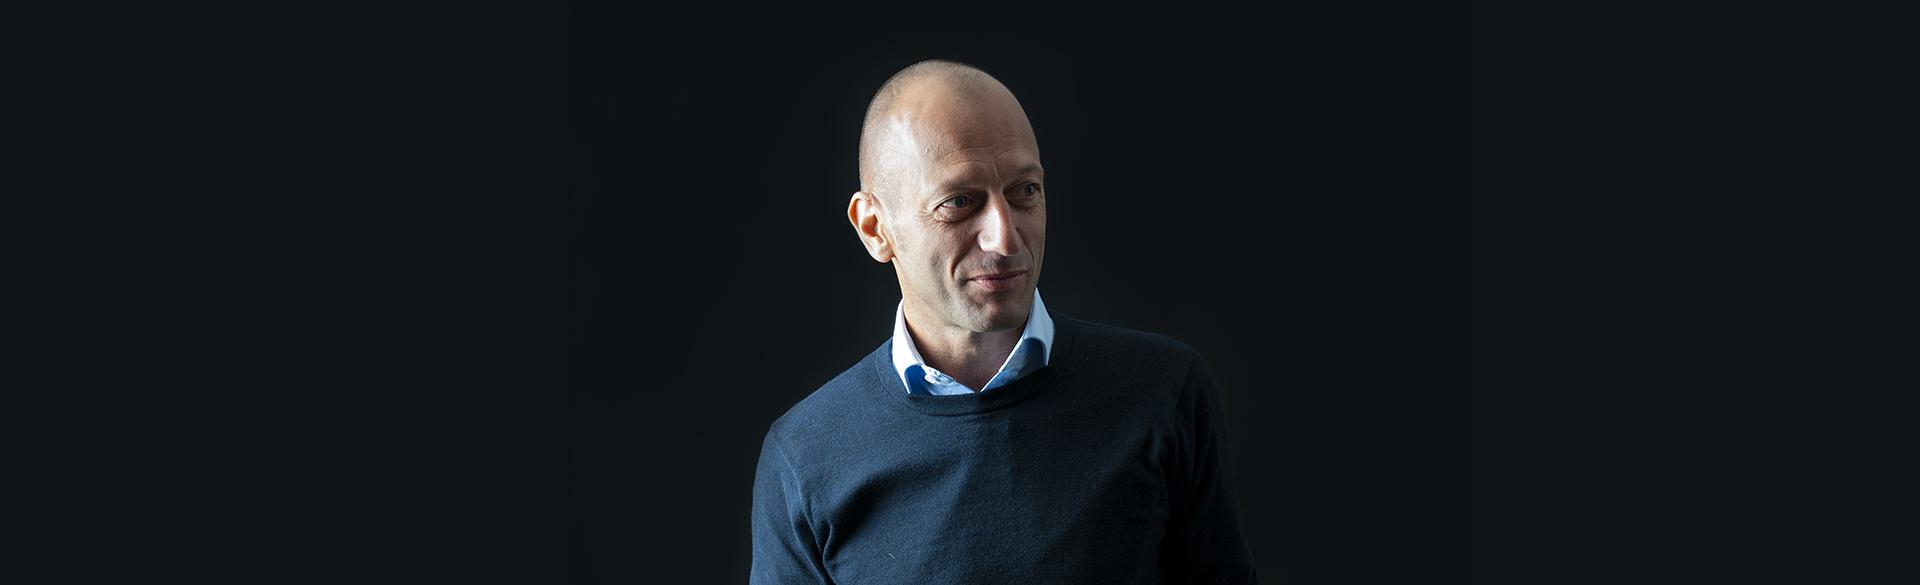 Patrick Boon als nieuwe managing director bij De Facto Image Building en Publicarto